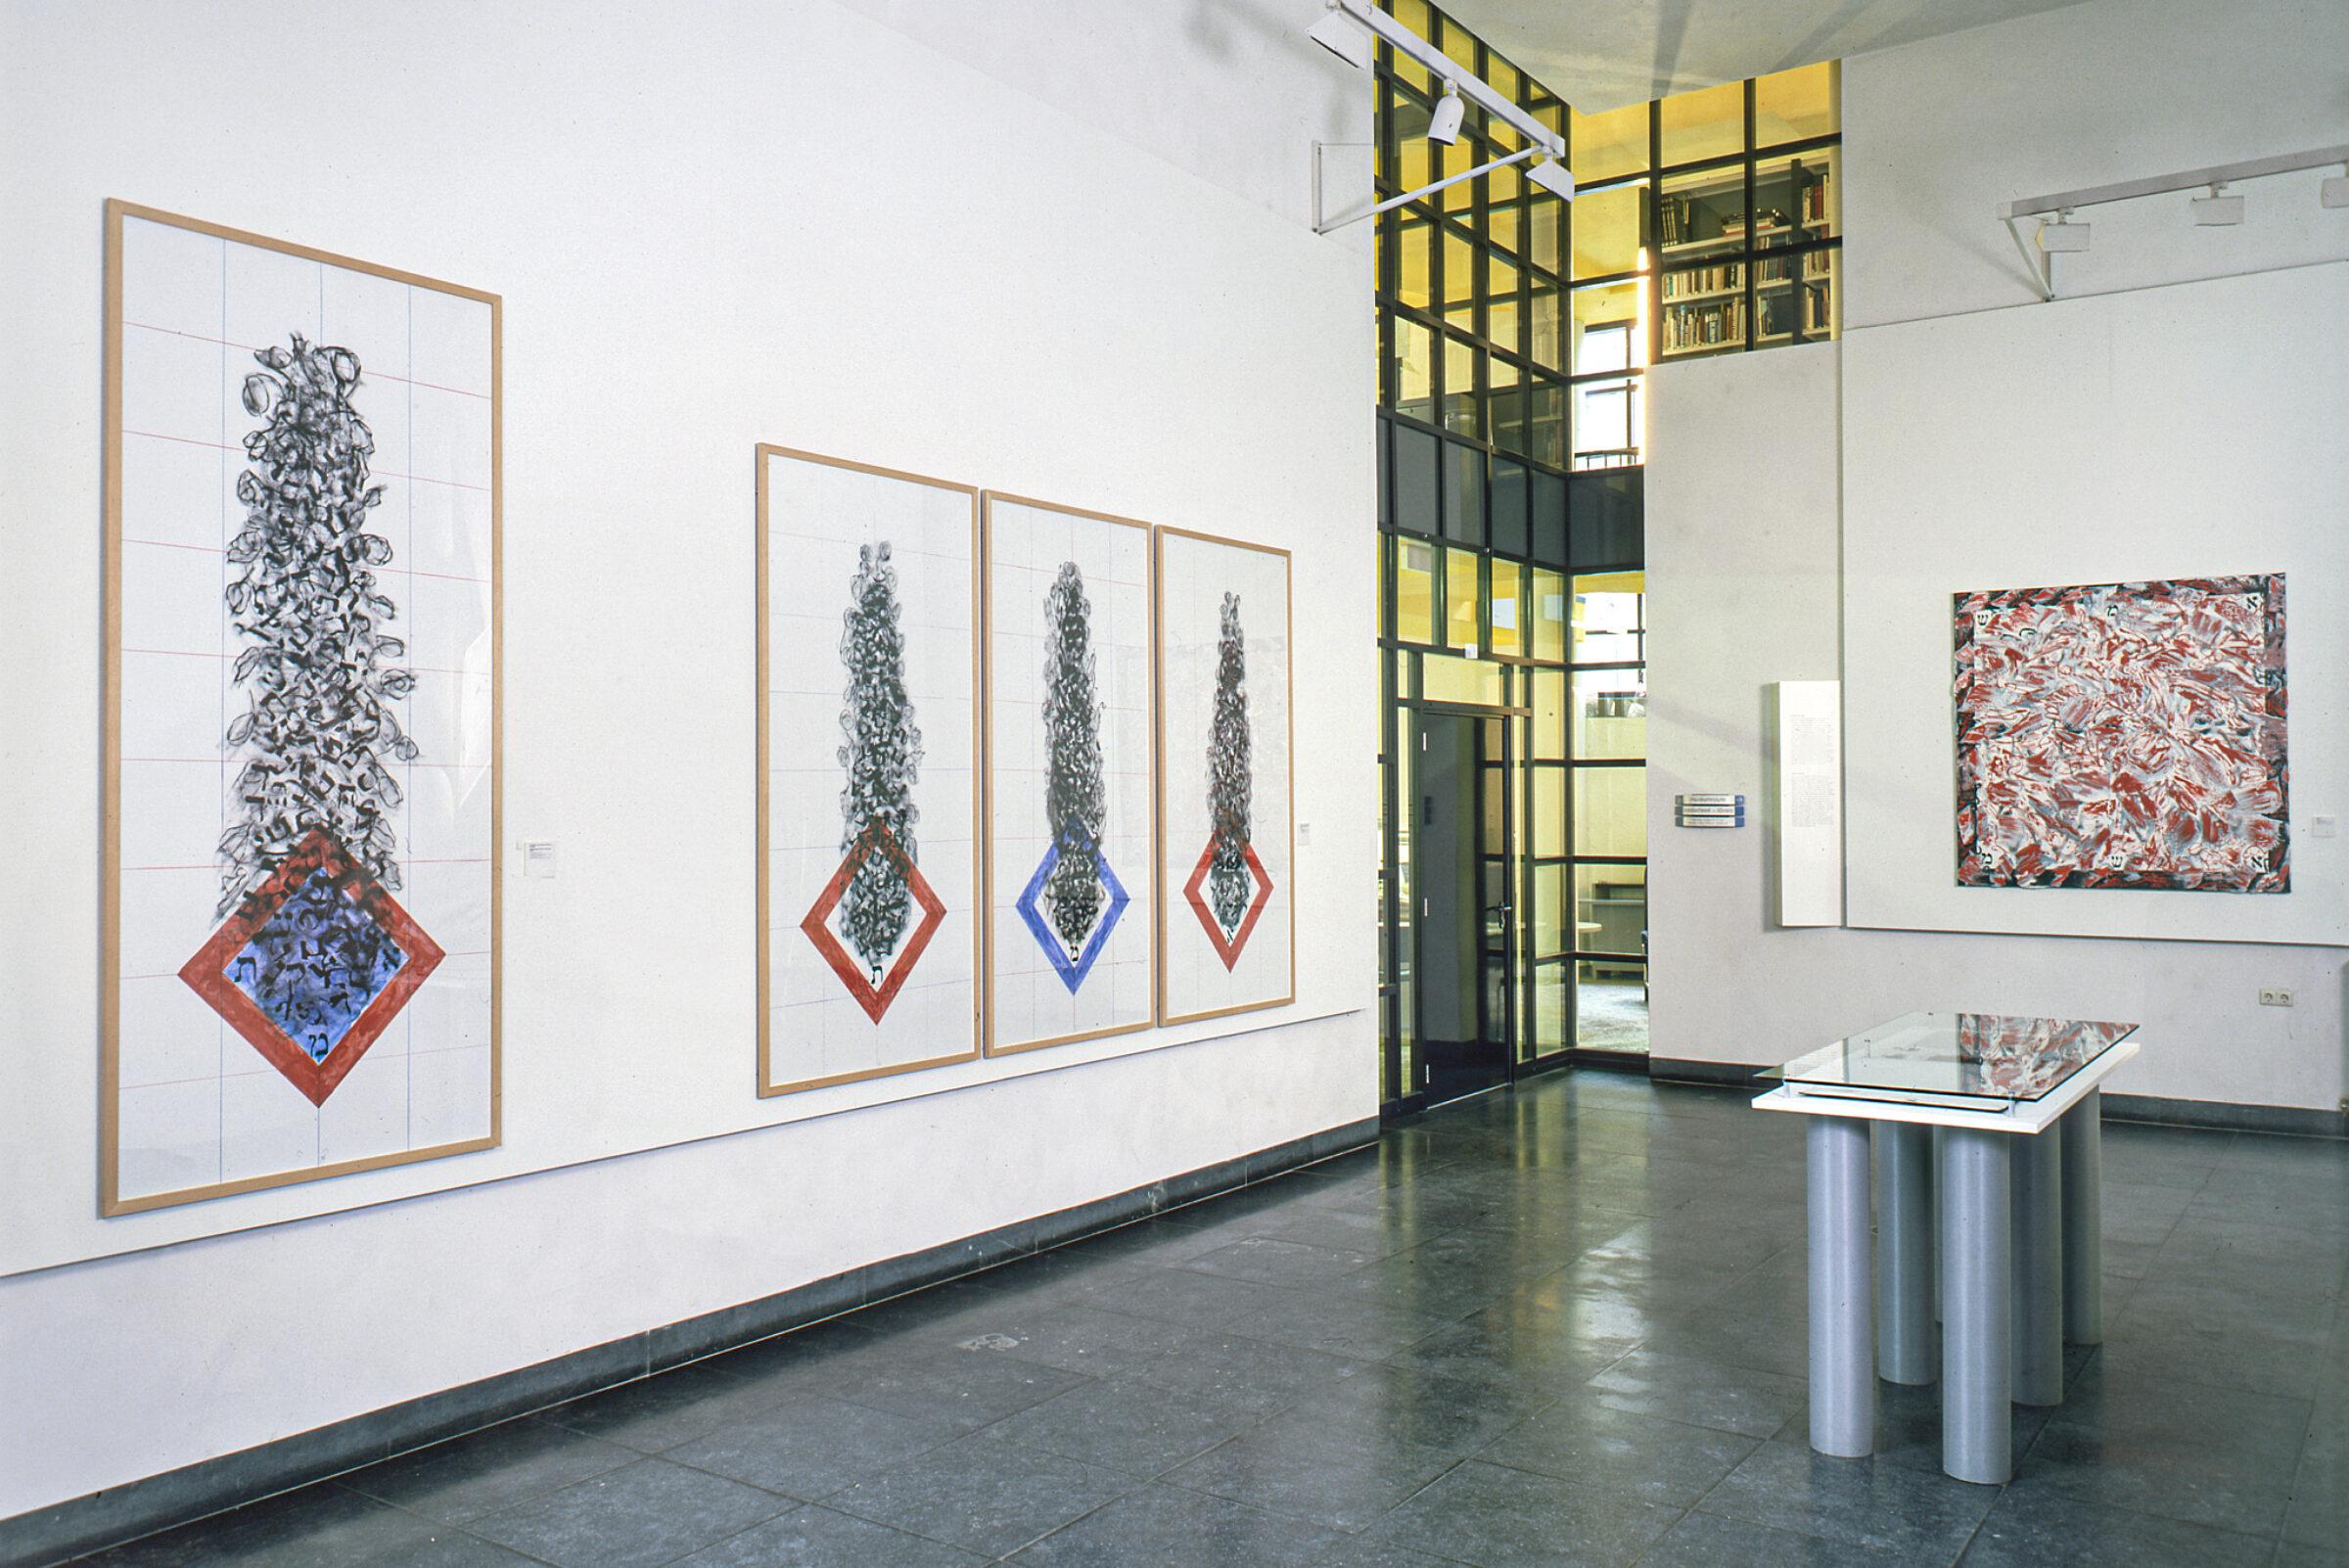 Eli-Content-Galerie-Onrust-EX-1989-02